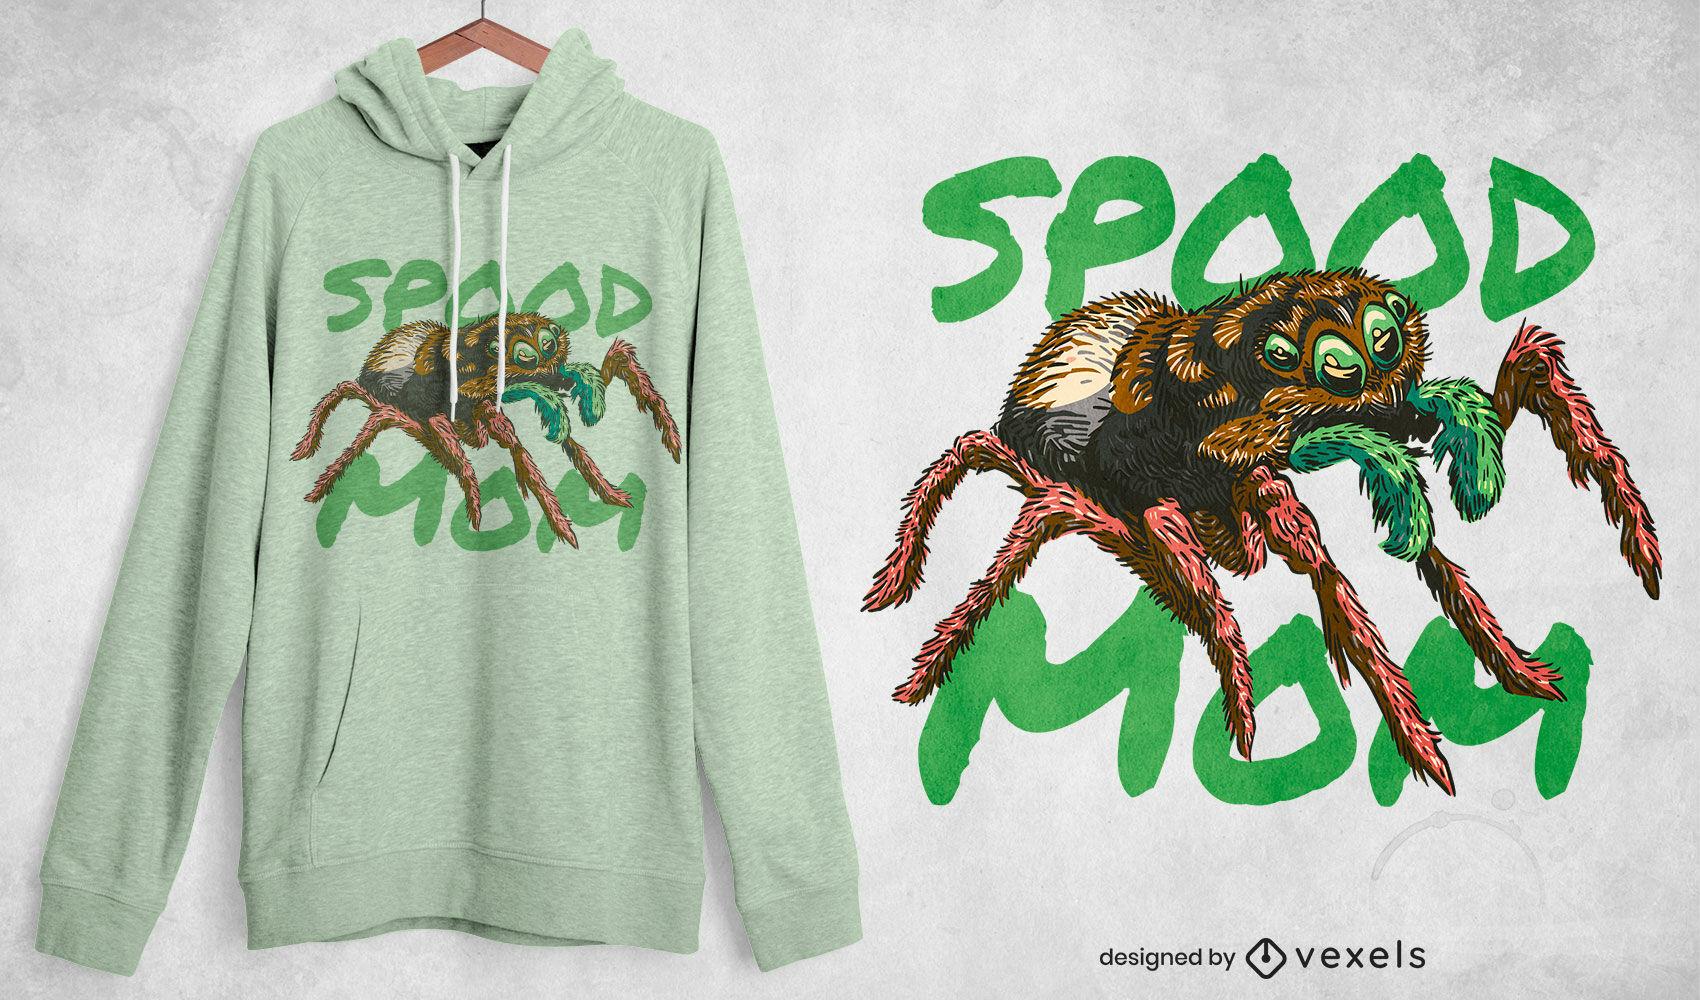 Spider spood mom t-shirt design